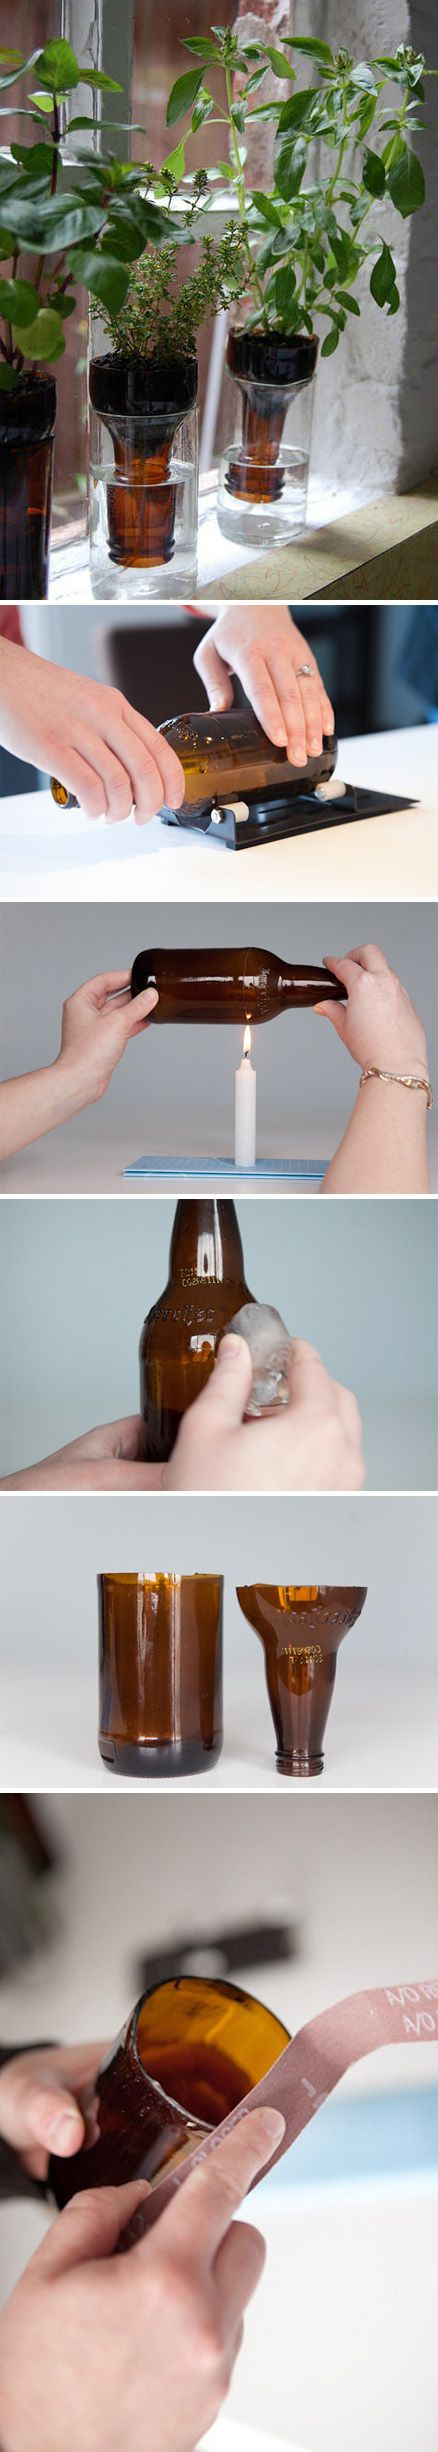 Vaso autoinnaffiante creato tagliando una bottiglia...perfetto per quelli col pollice nero come me! DIY  Peccato che le istruzioni siano solo in giapponese #faidate